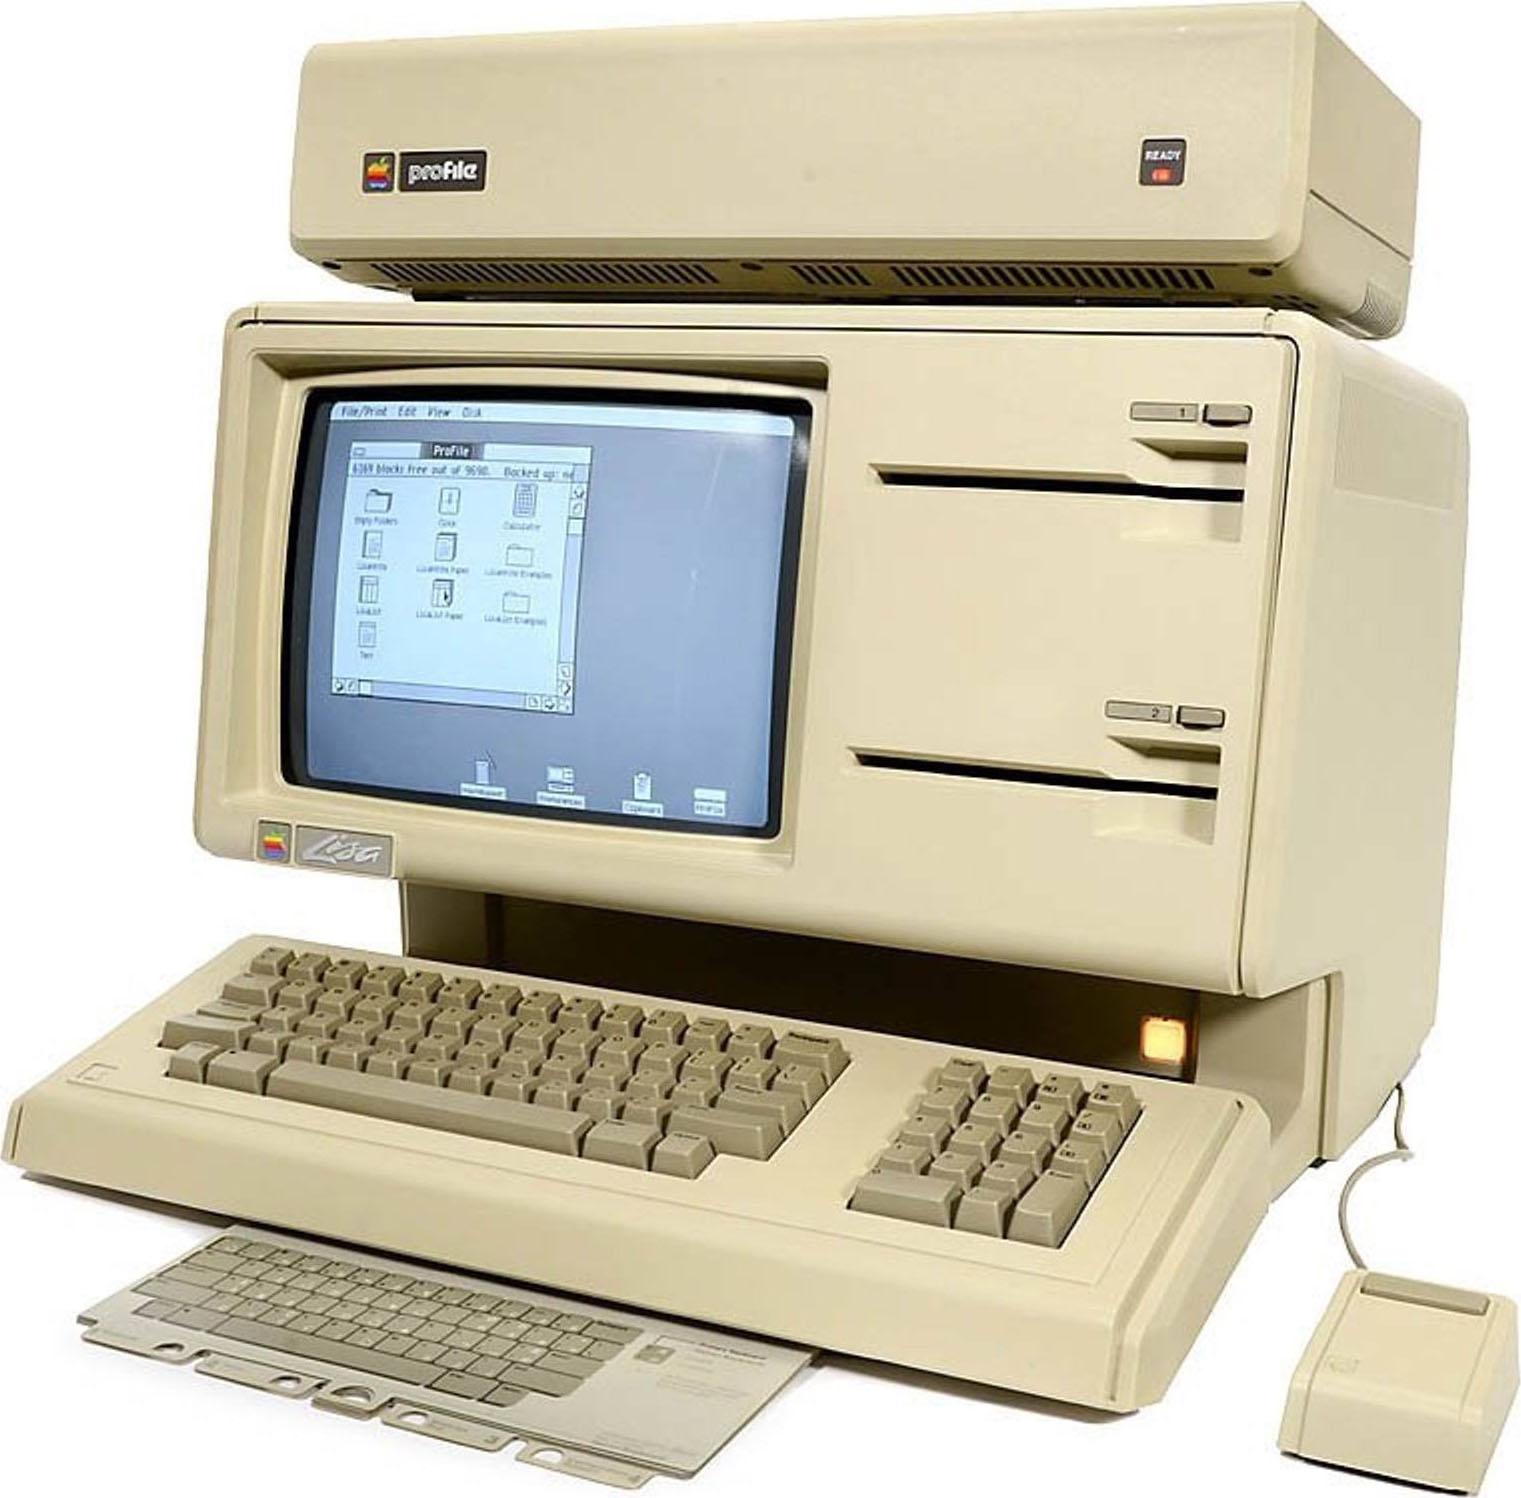 Apple Lisa 1